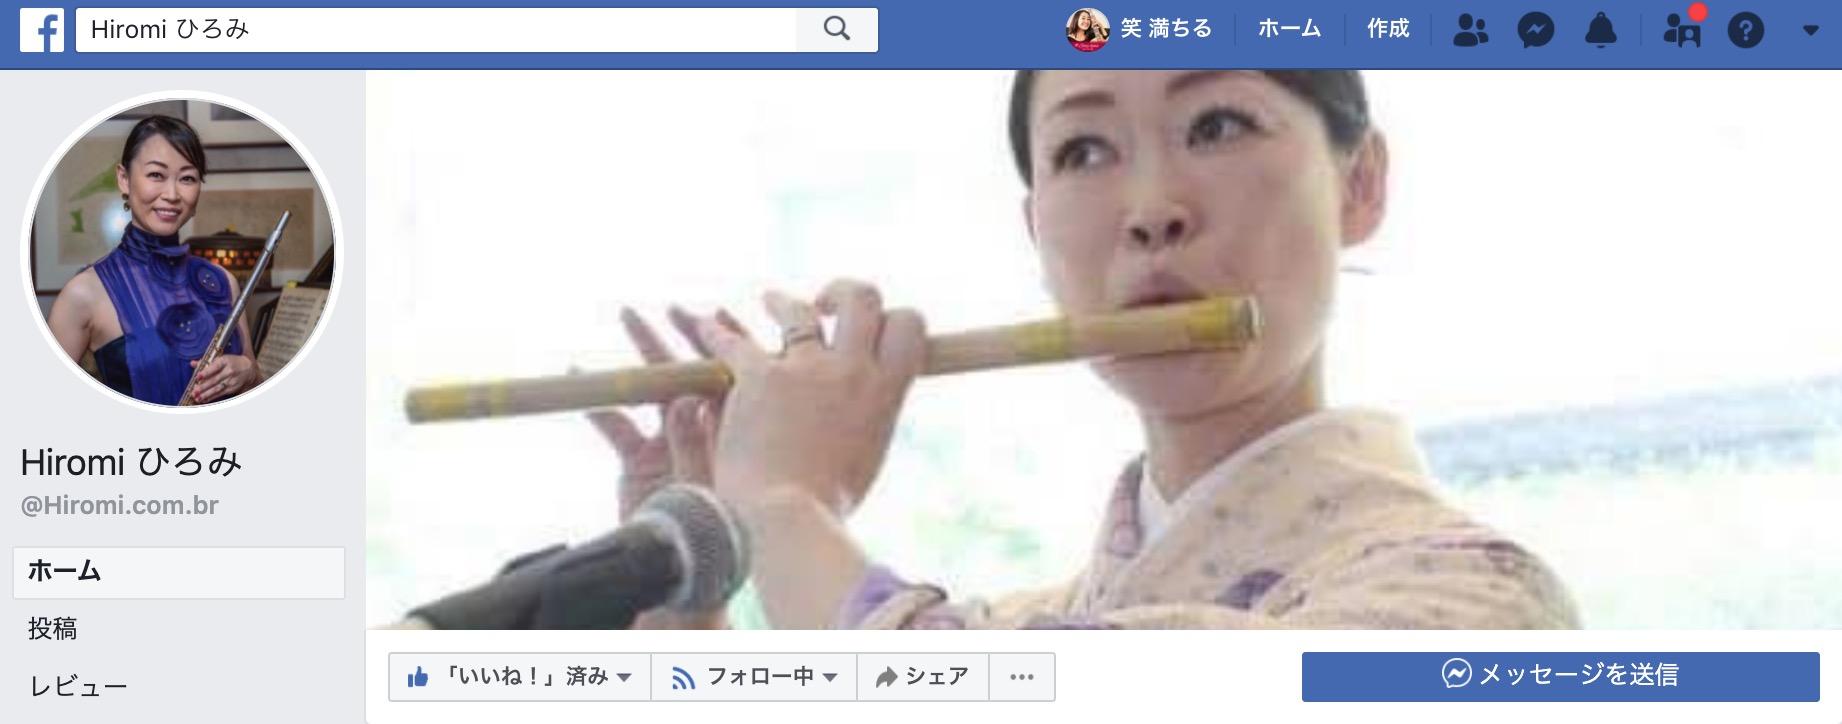 フルート&津軽笛奏者コッペデひろみ